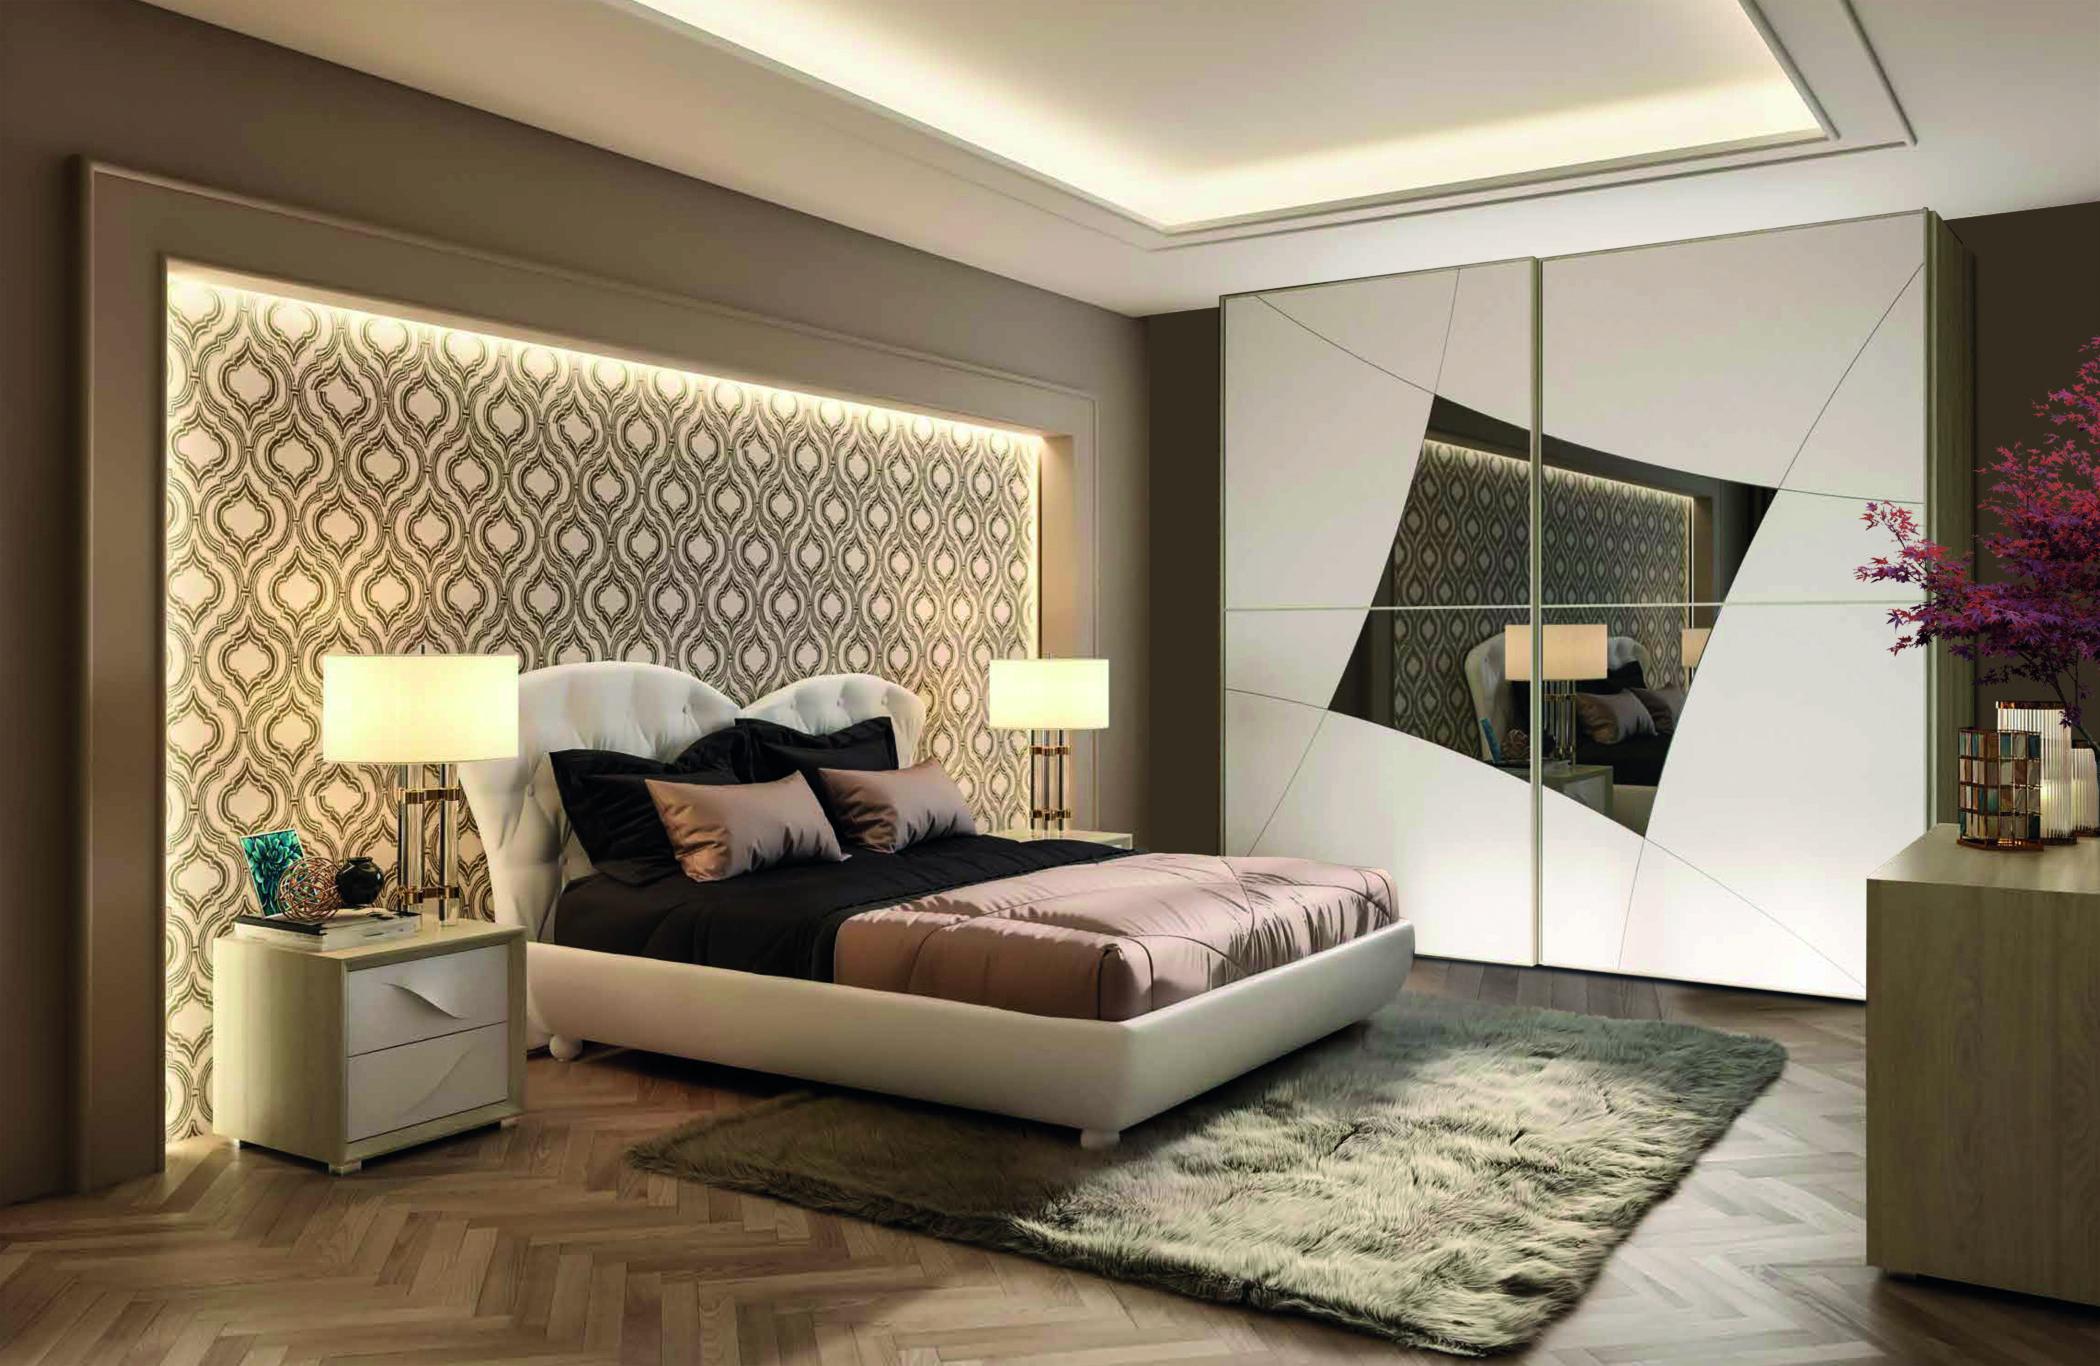 Camere Da Letto Moderne Con Letto Contenitore.Camera Da Letto Vanity Arredamenti Di Lorenzo Napoli